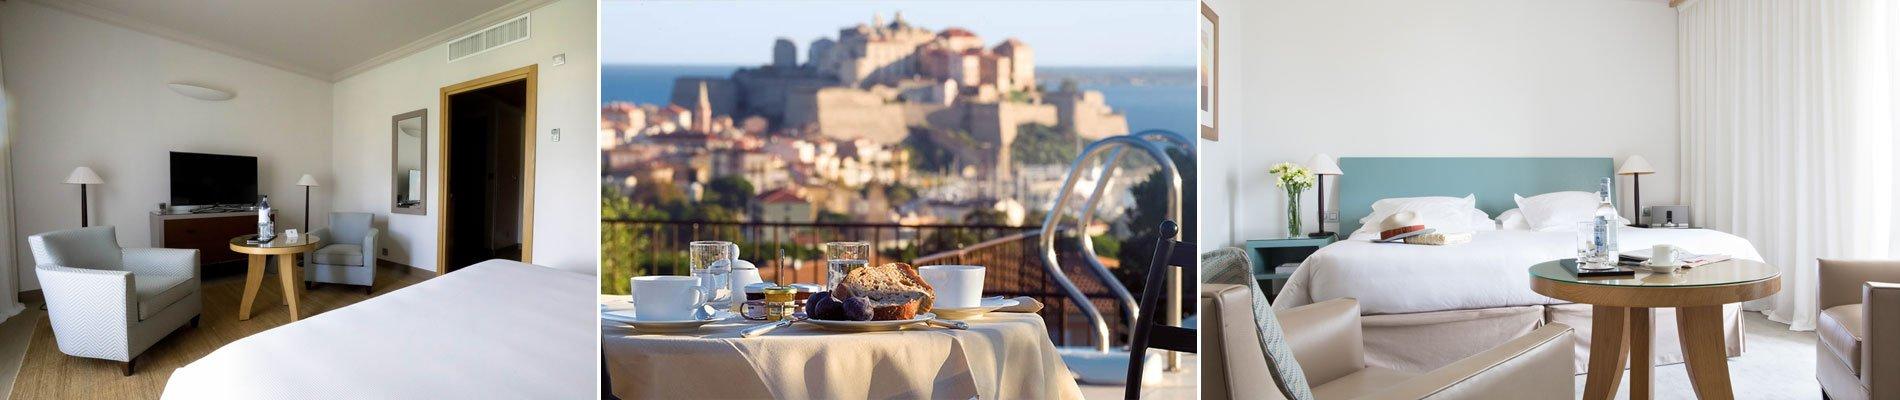 hotel-la-villa-calvi-corsica-